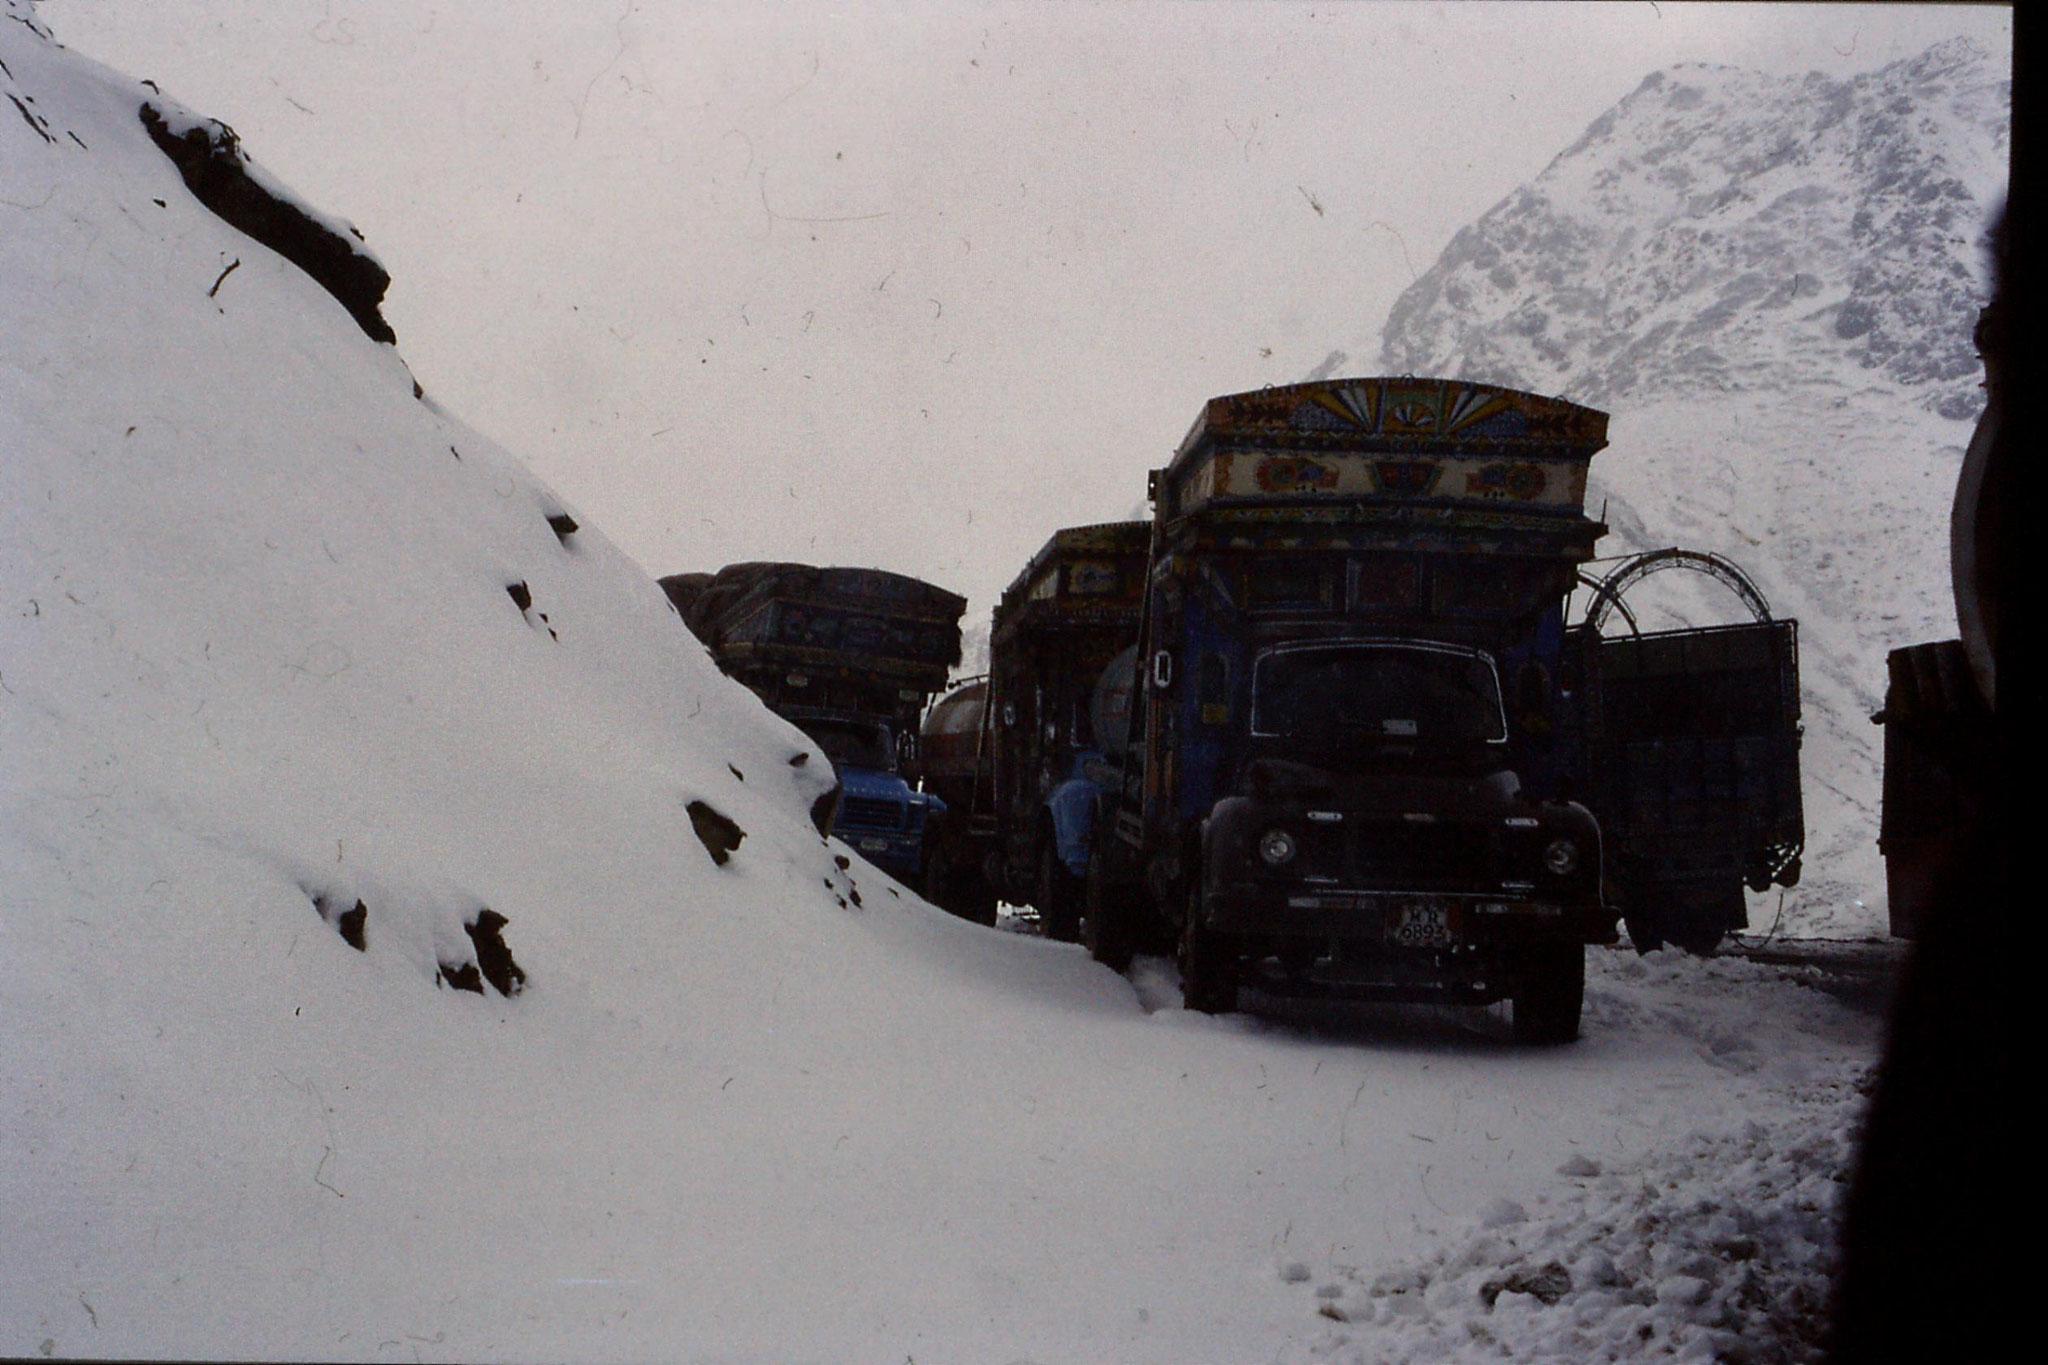 2/11/1989: 7: Loweri Pass